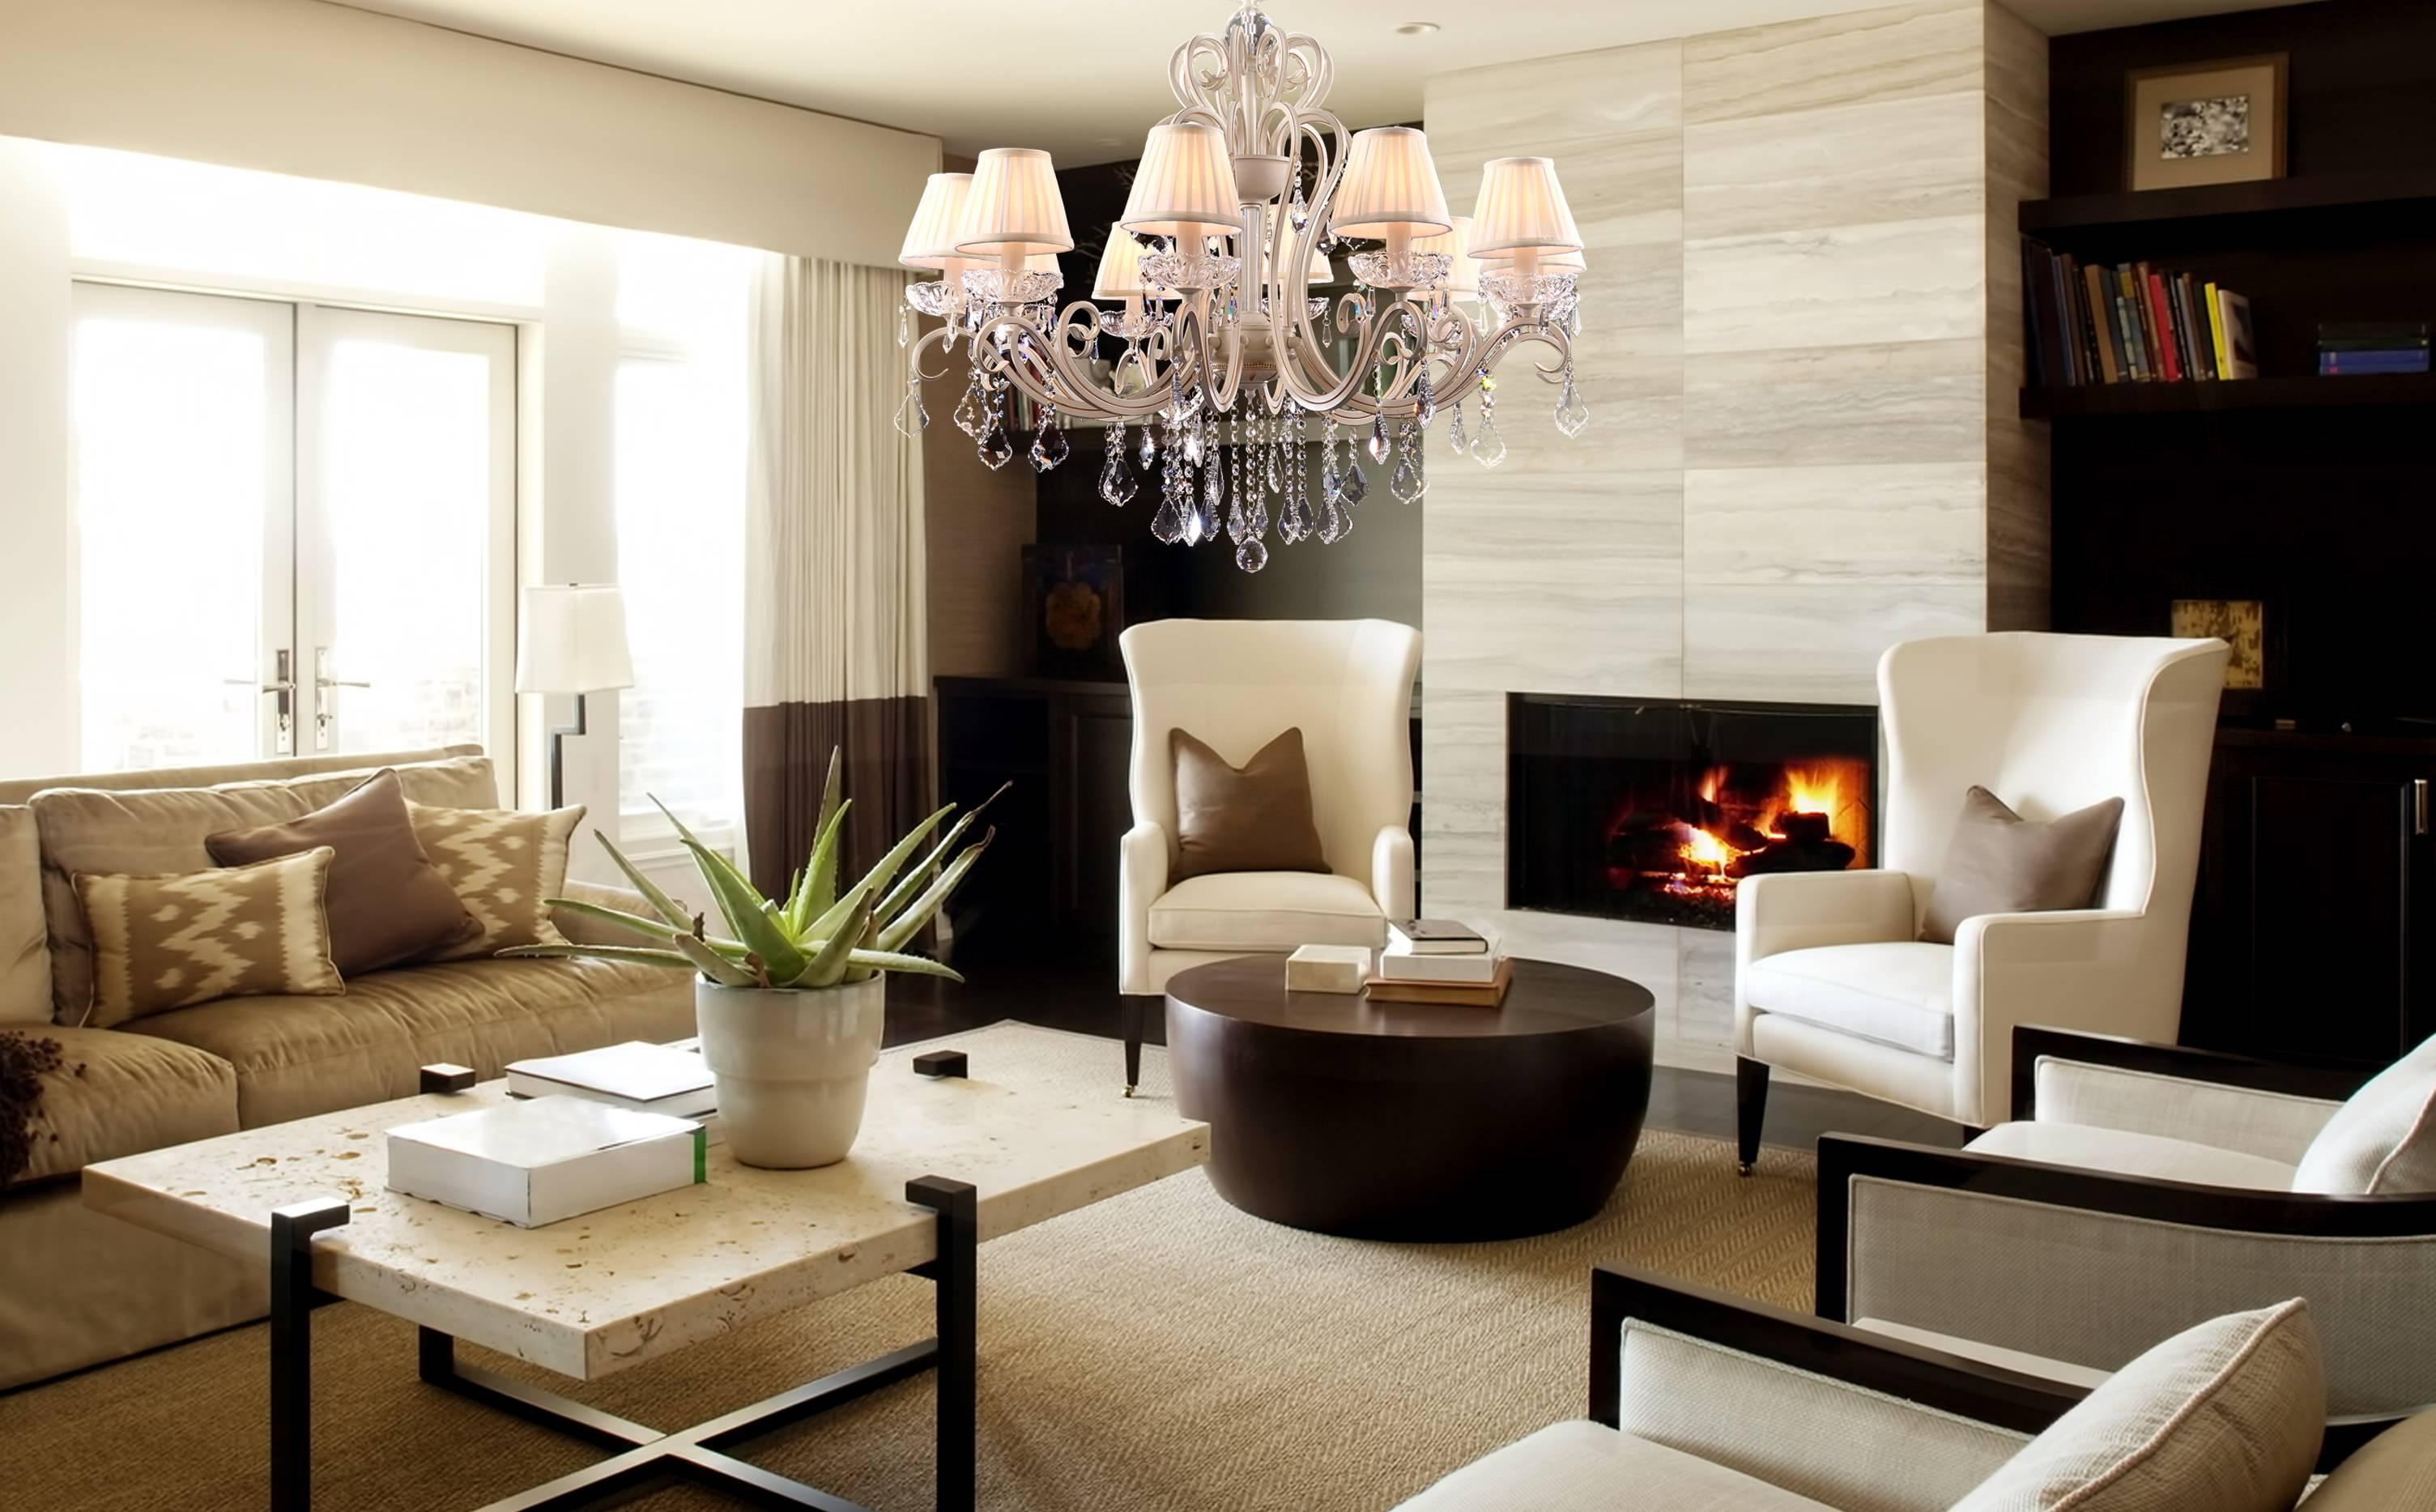 Как выбрать люстру: виды, размер, диаметр, интерьер, площадь зала, гостиной или другой комнаты